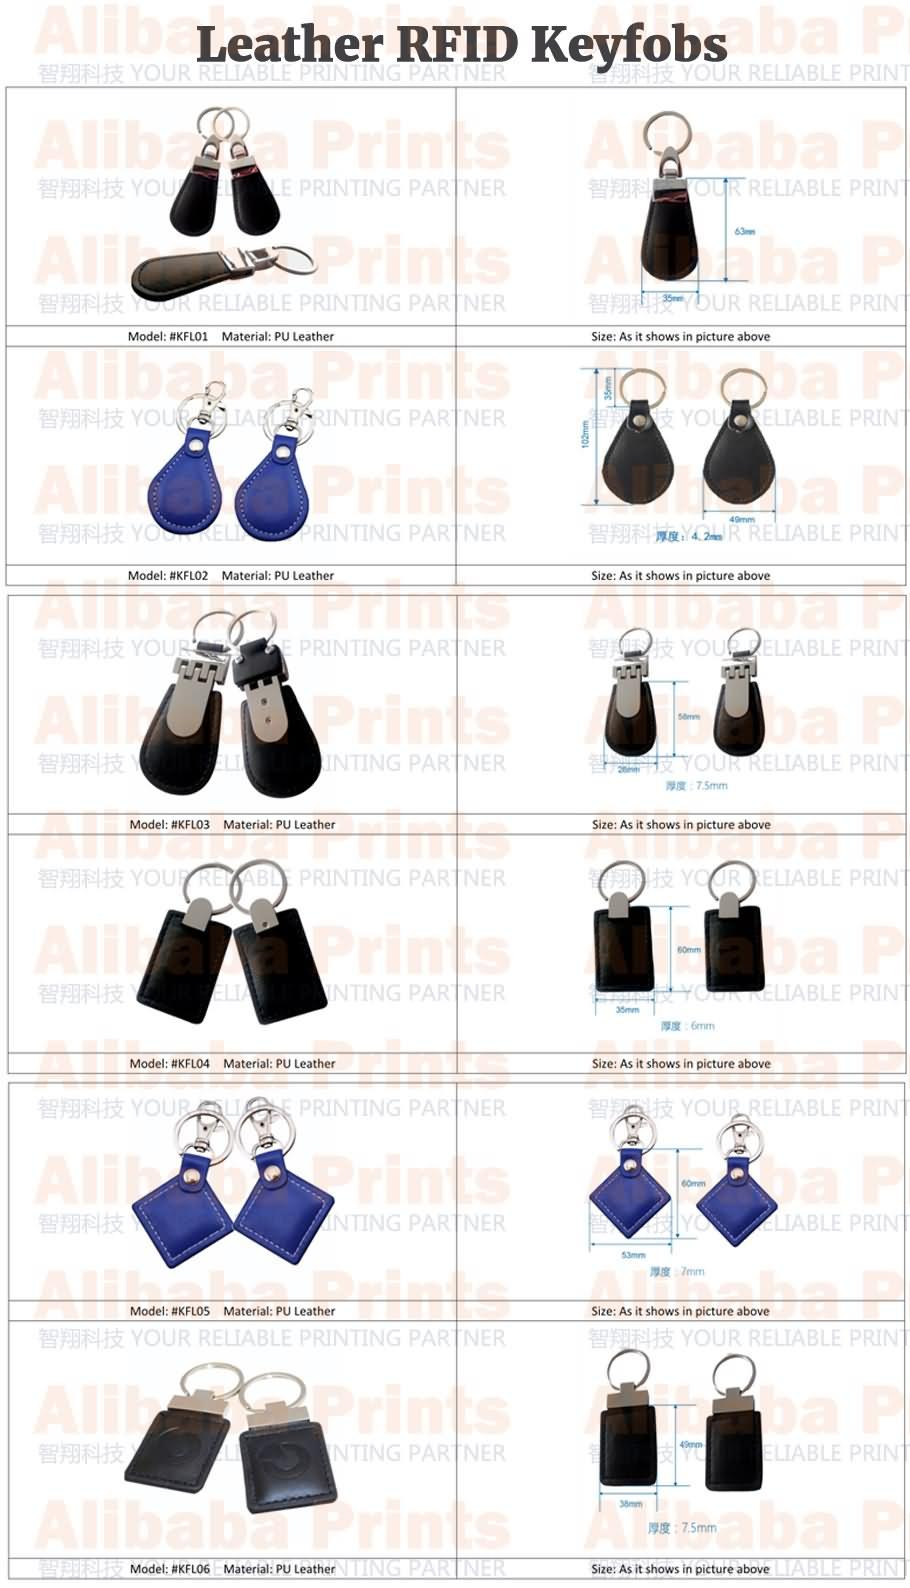 RFID leather keyfobs